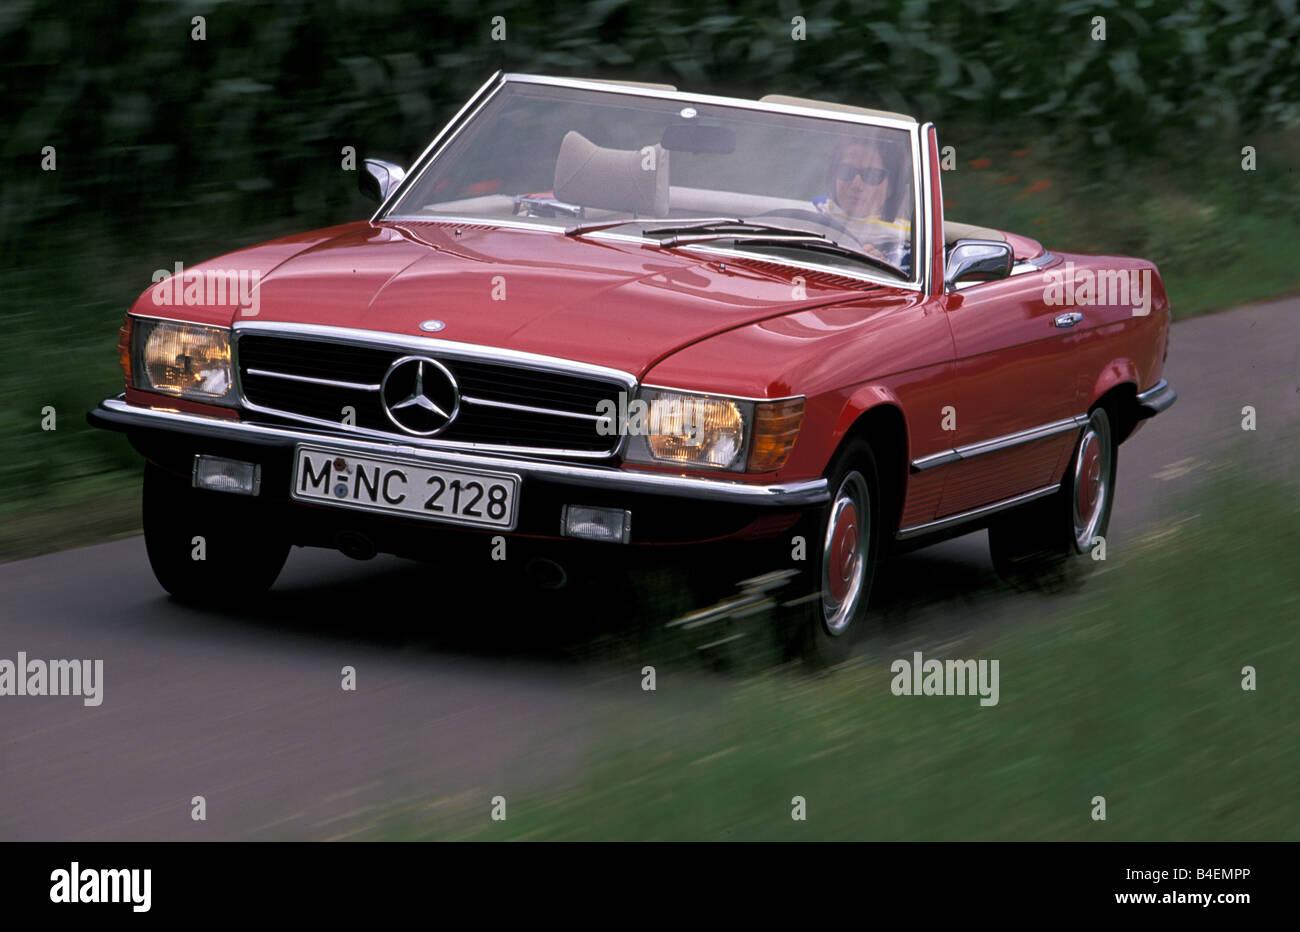 Old Red Model Mercedes Car